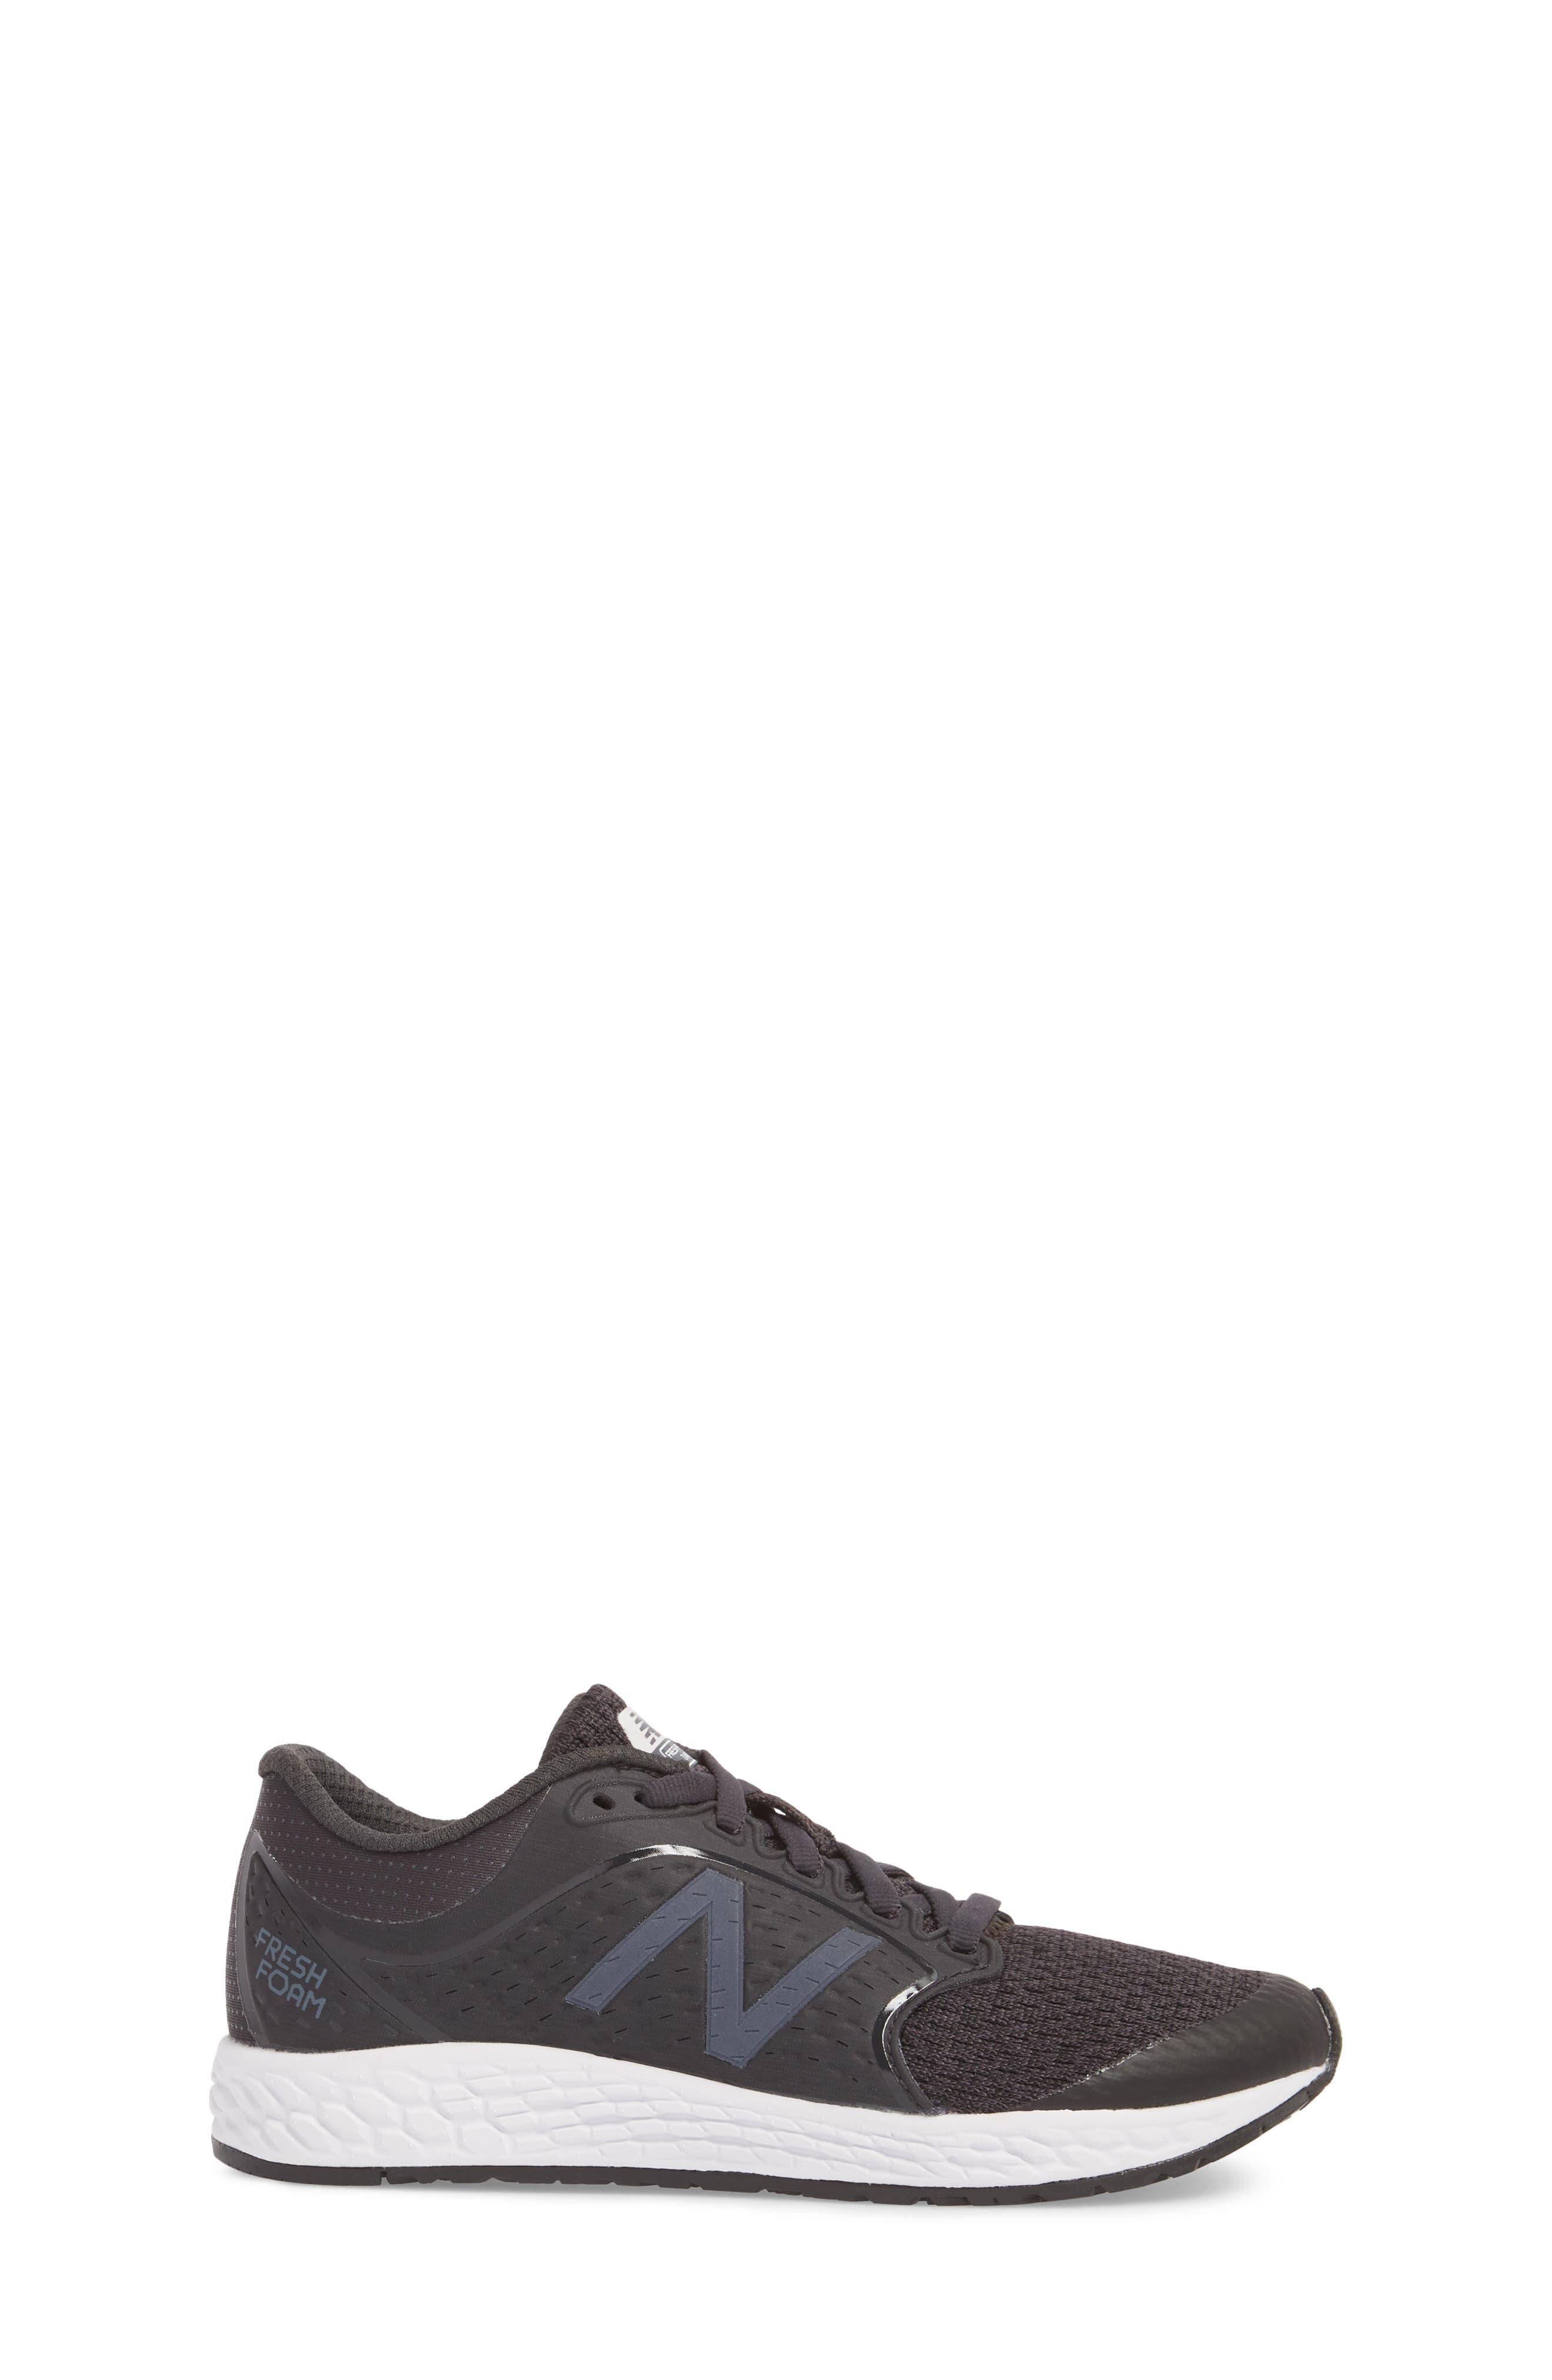 Fresh Foam Zante v4 Running Shoe,                             Alternate thumbnail 3, color,                             Black/ White